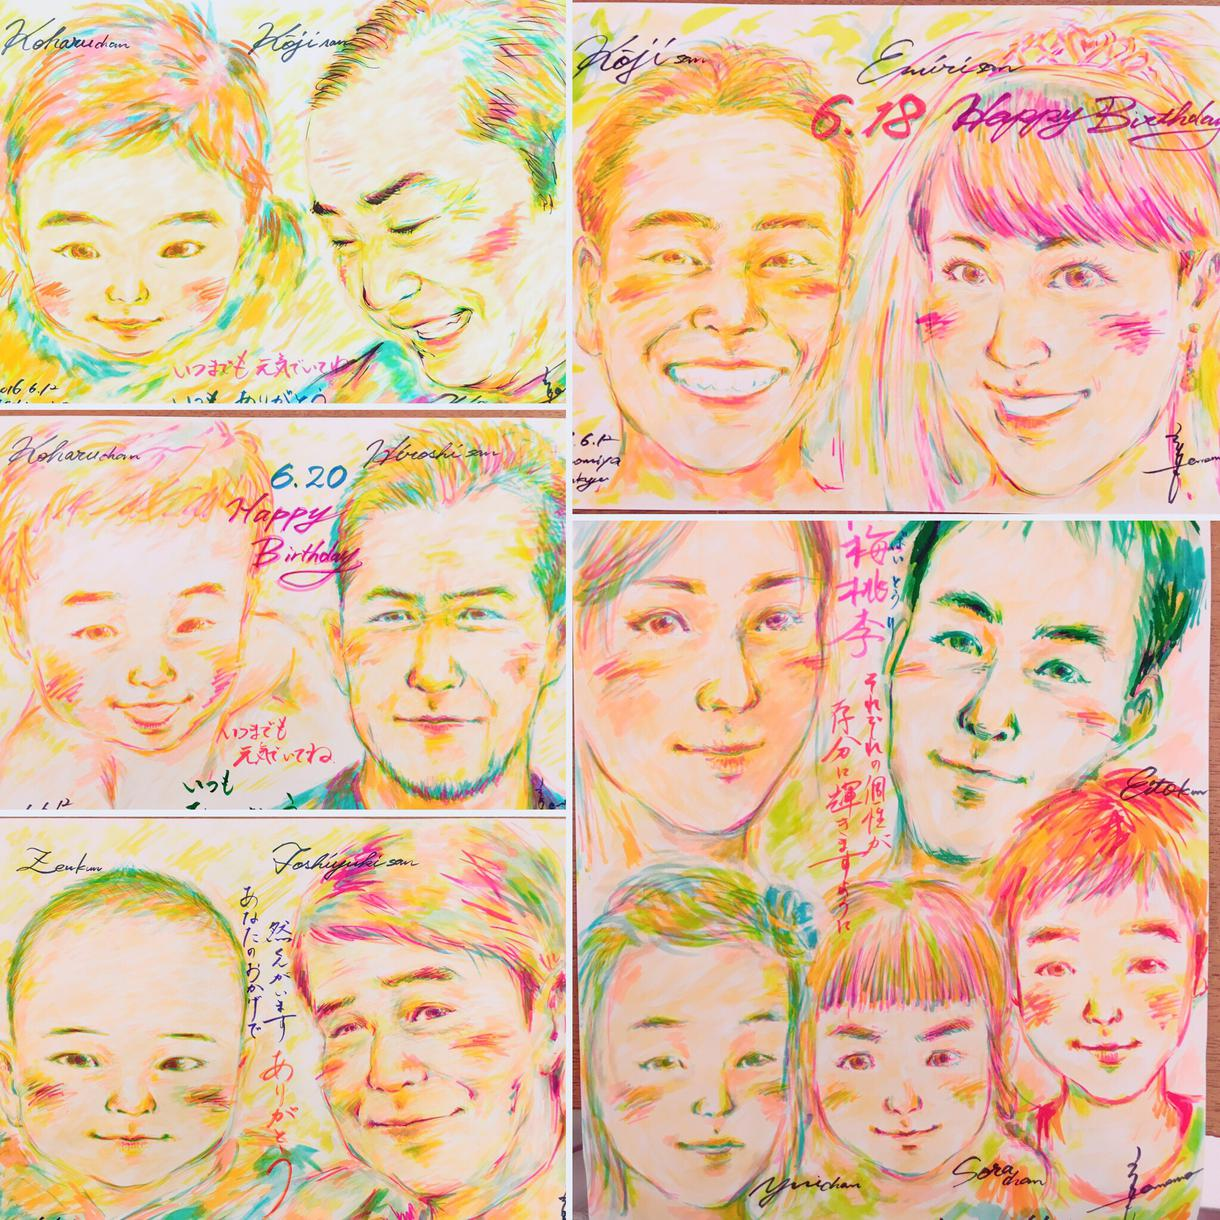 世界に1つだけの色鮮やかな似顔絵をお描きします 特別な記念日やウェルカムボード、サプライズのギフトとして